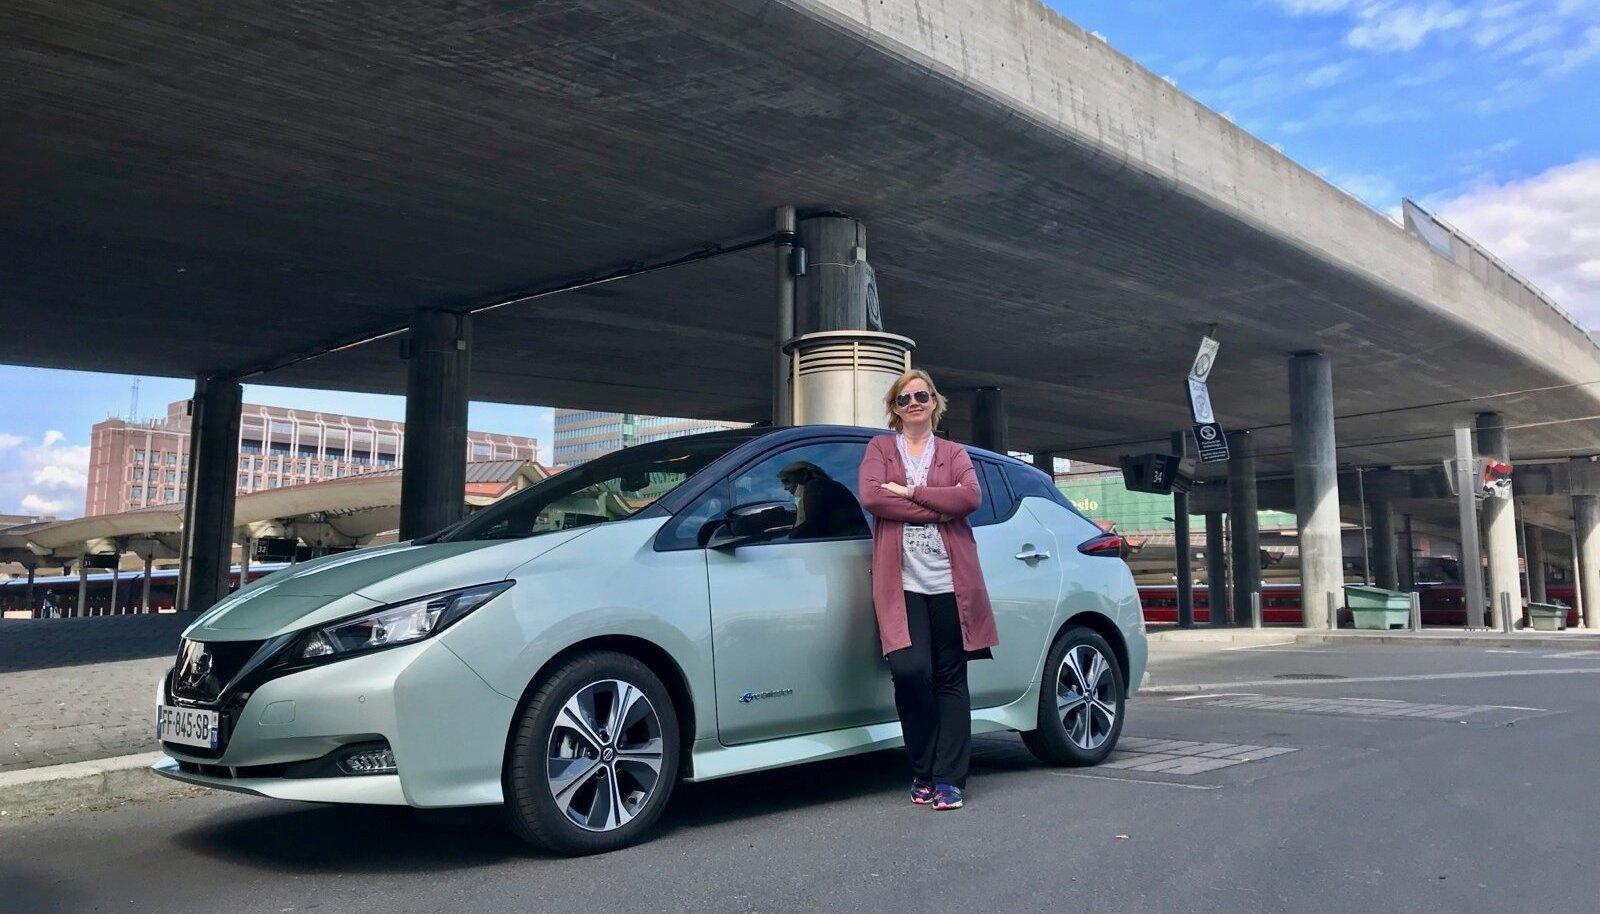 Ylle Tampere ja uue põlvkonna Nissan Leaf